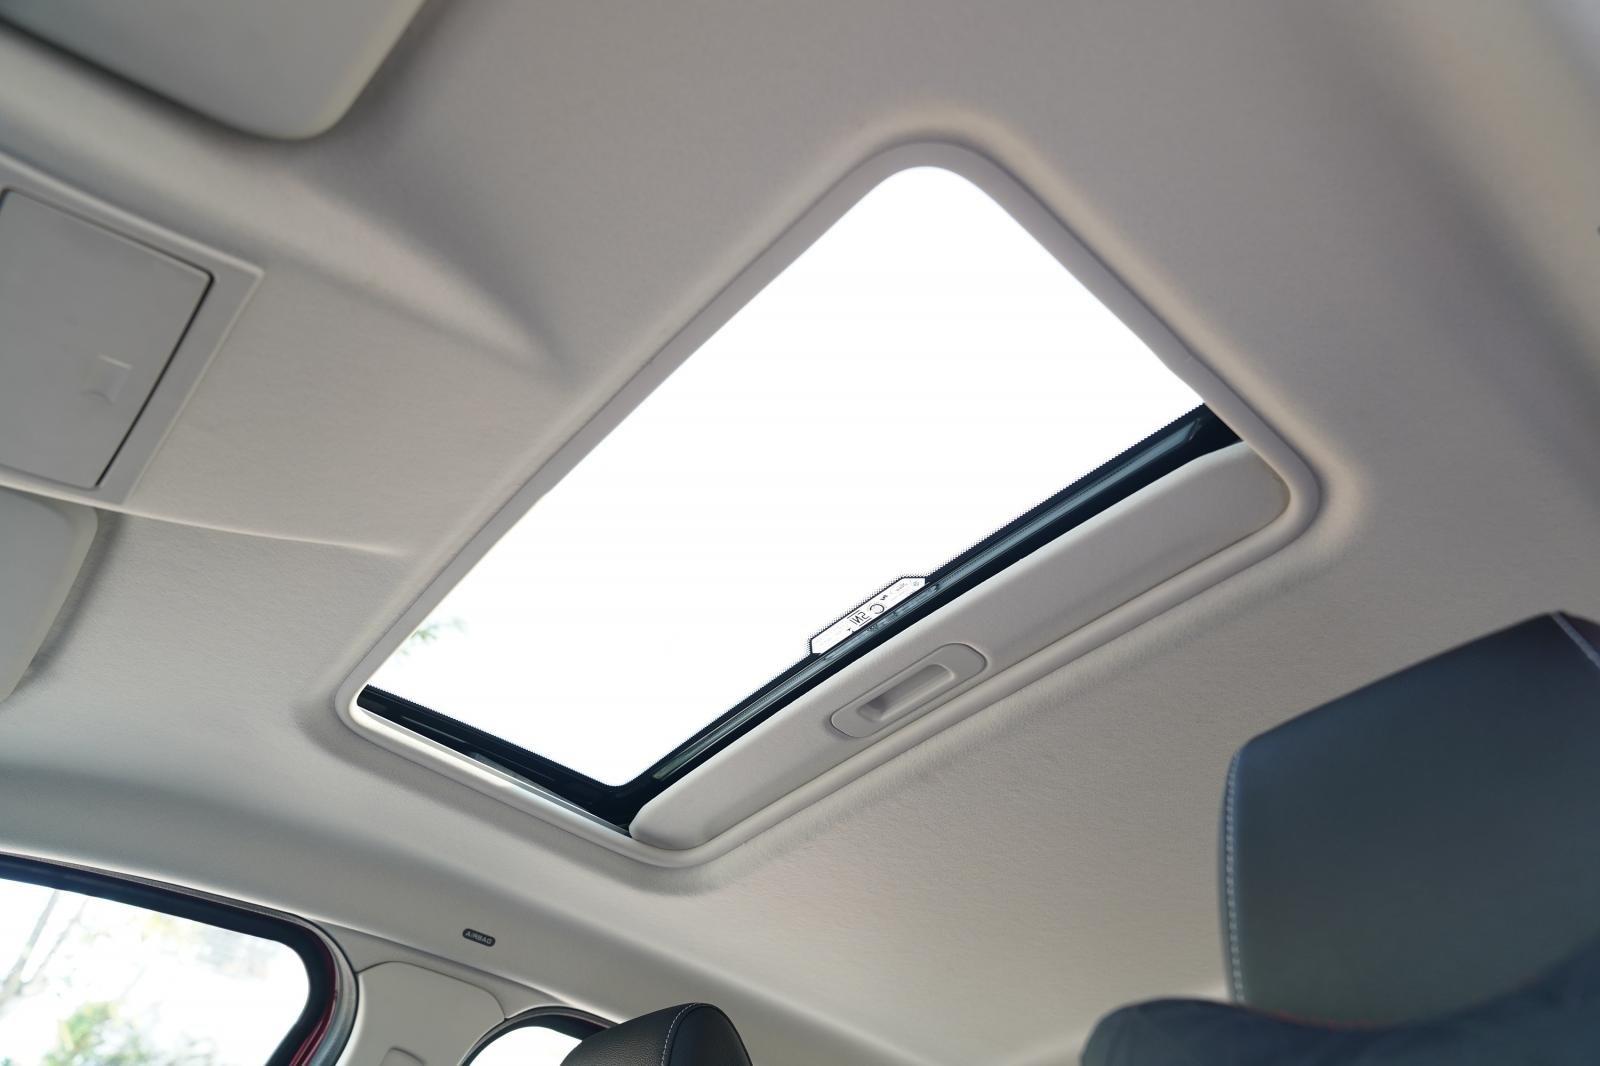 Trang bị tiện nghi trên xe Ford EcoSport 2020: Cửa sổ trời toàn cảnh 1